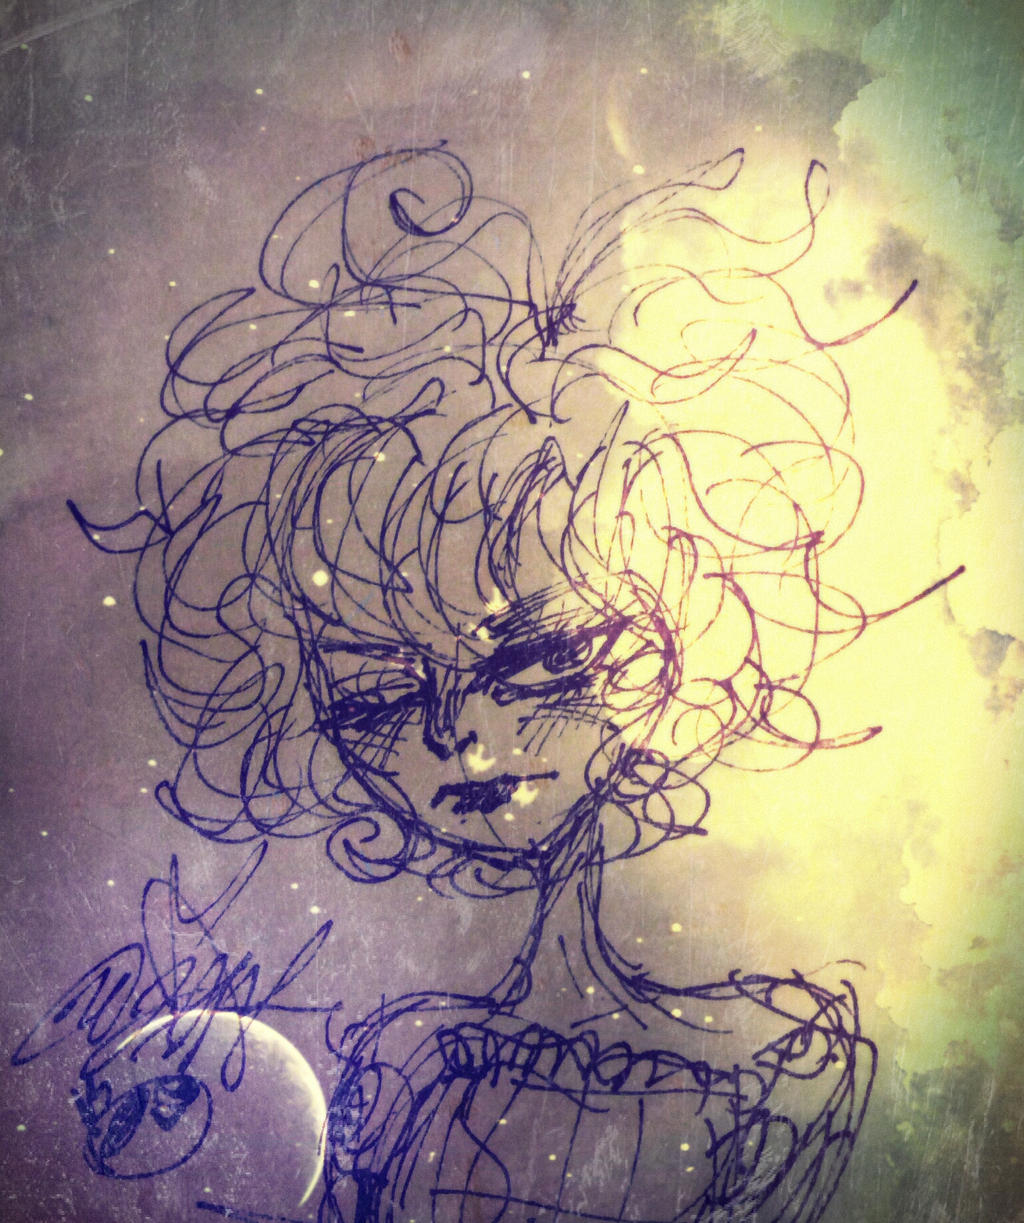 -doodddlele- by MikuBlazeTheKat